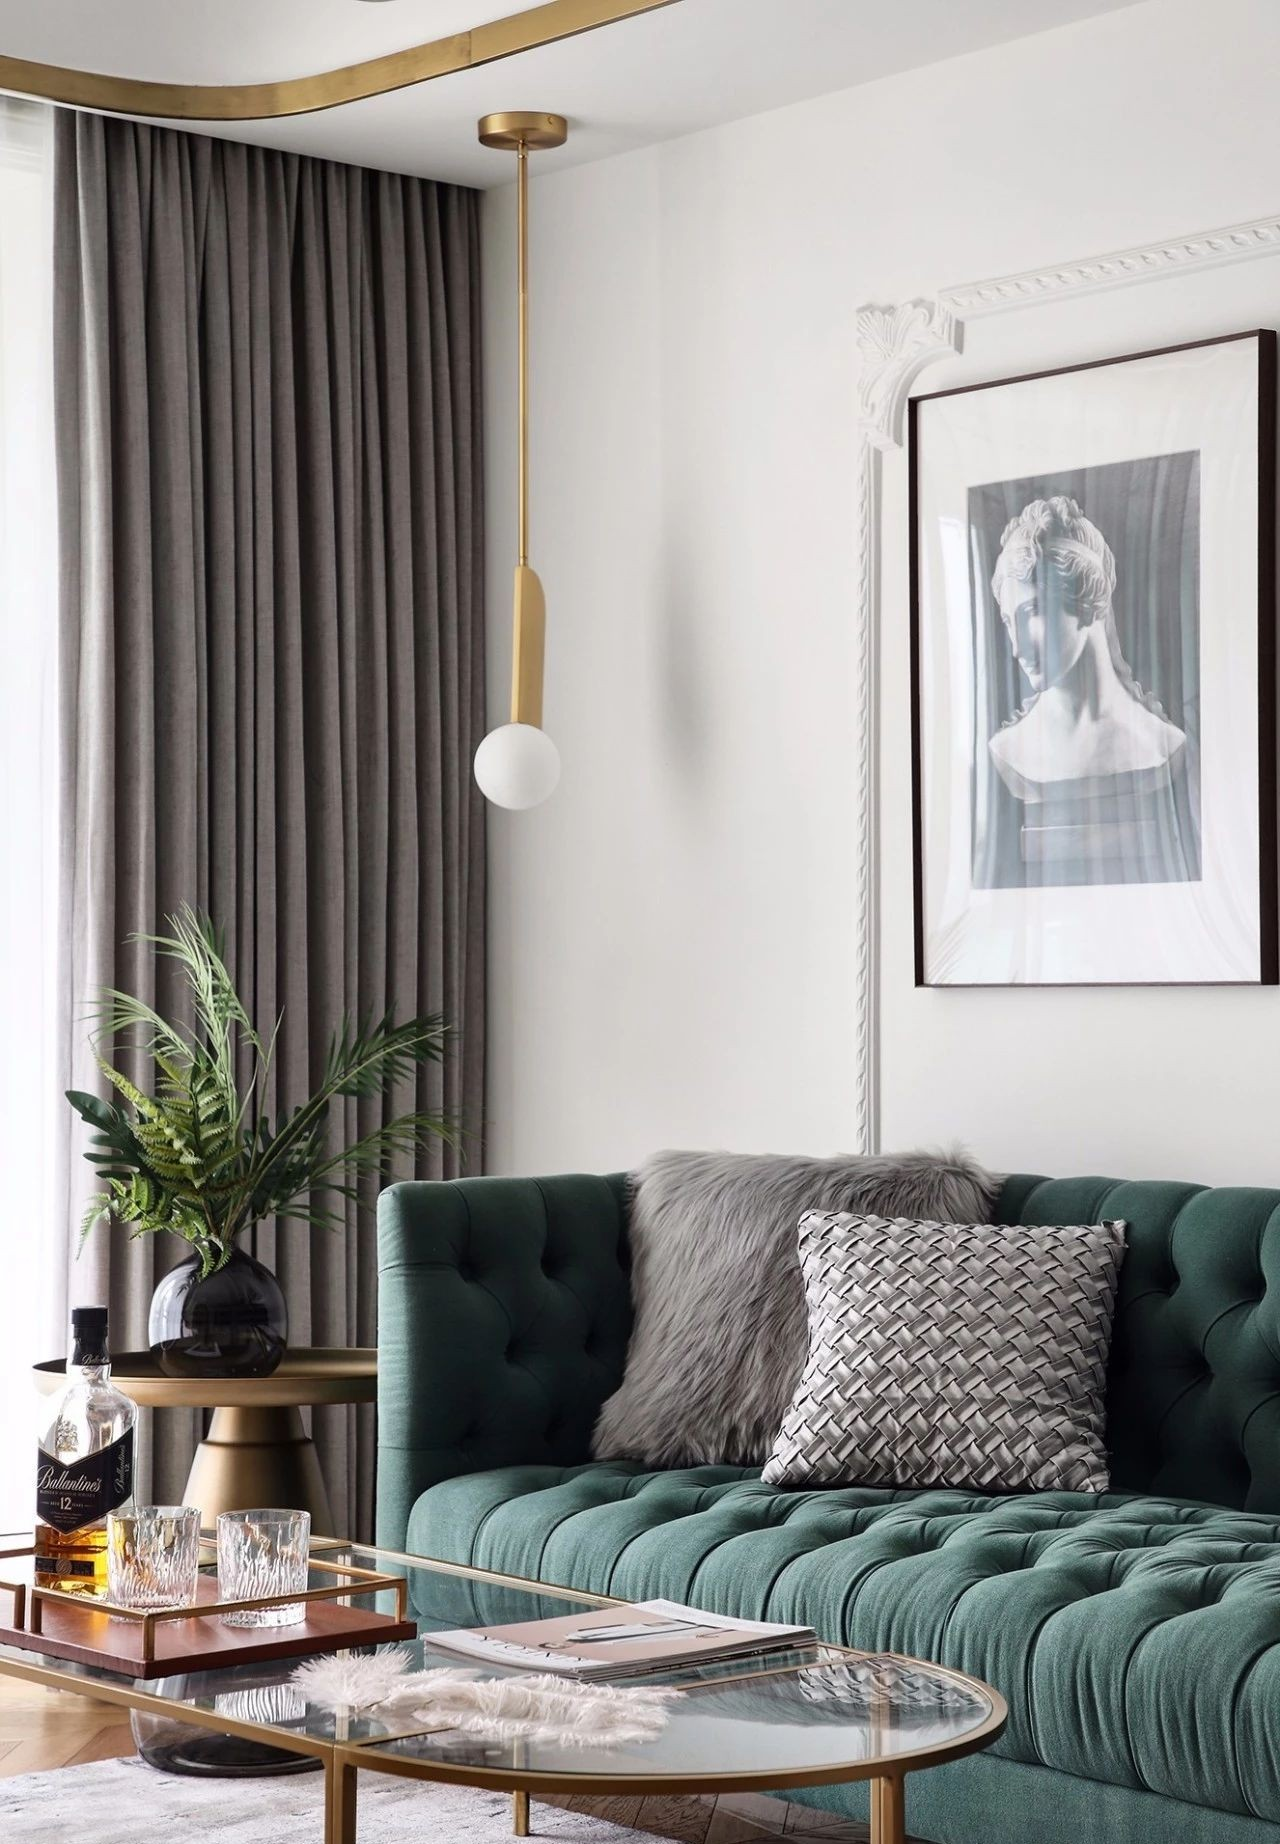 混搭 轻奢 现代 元素 全案设计 客厅图片来自鹏友百年装饰在温柔雅奢INS风的分享